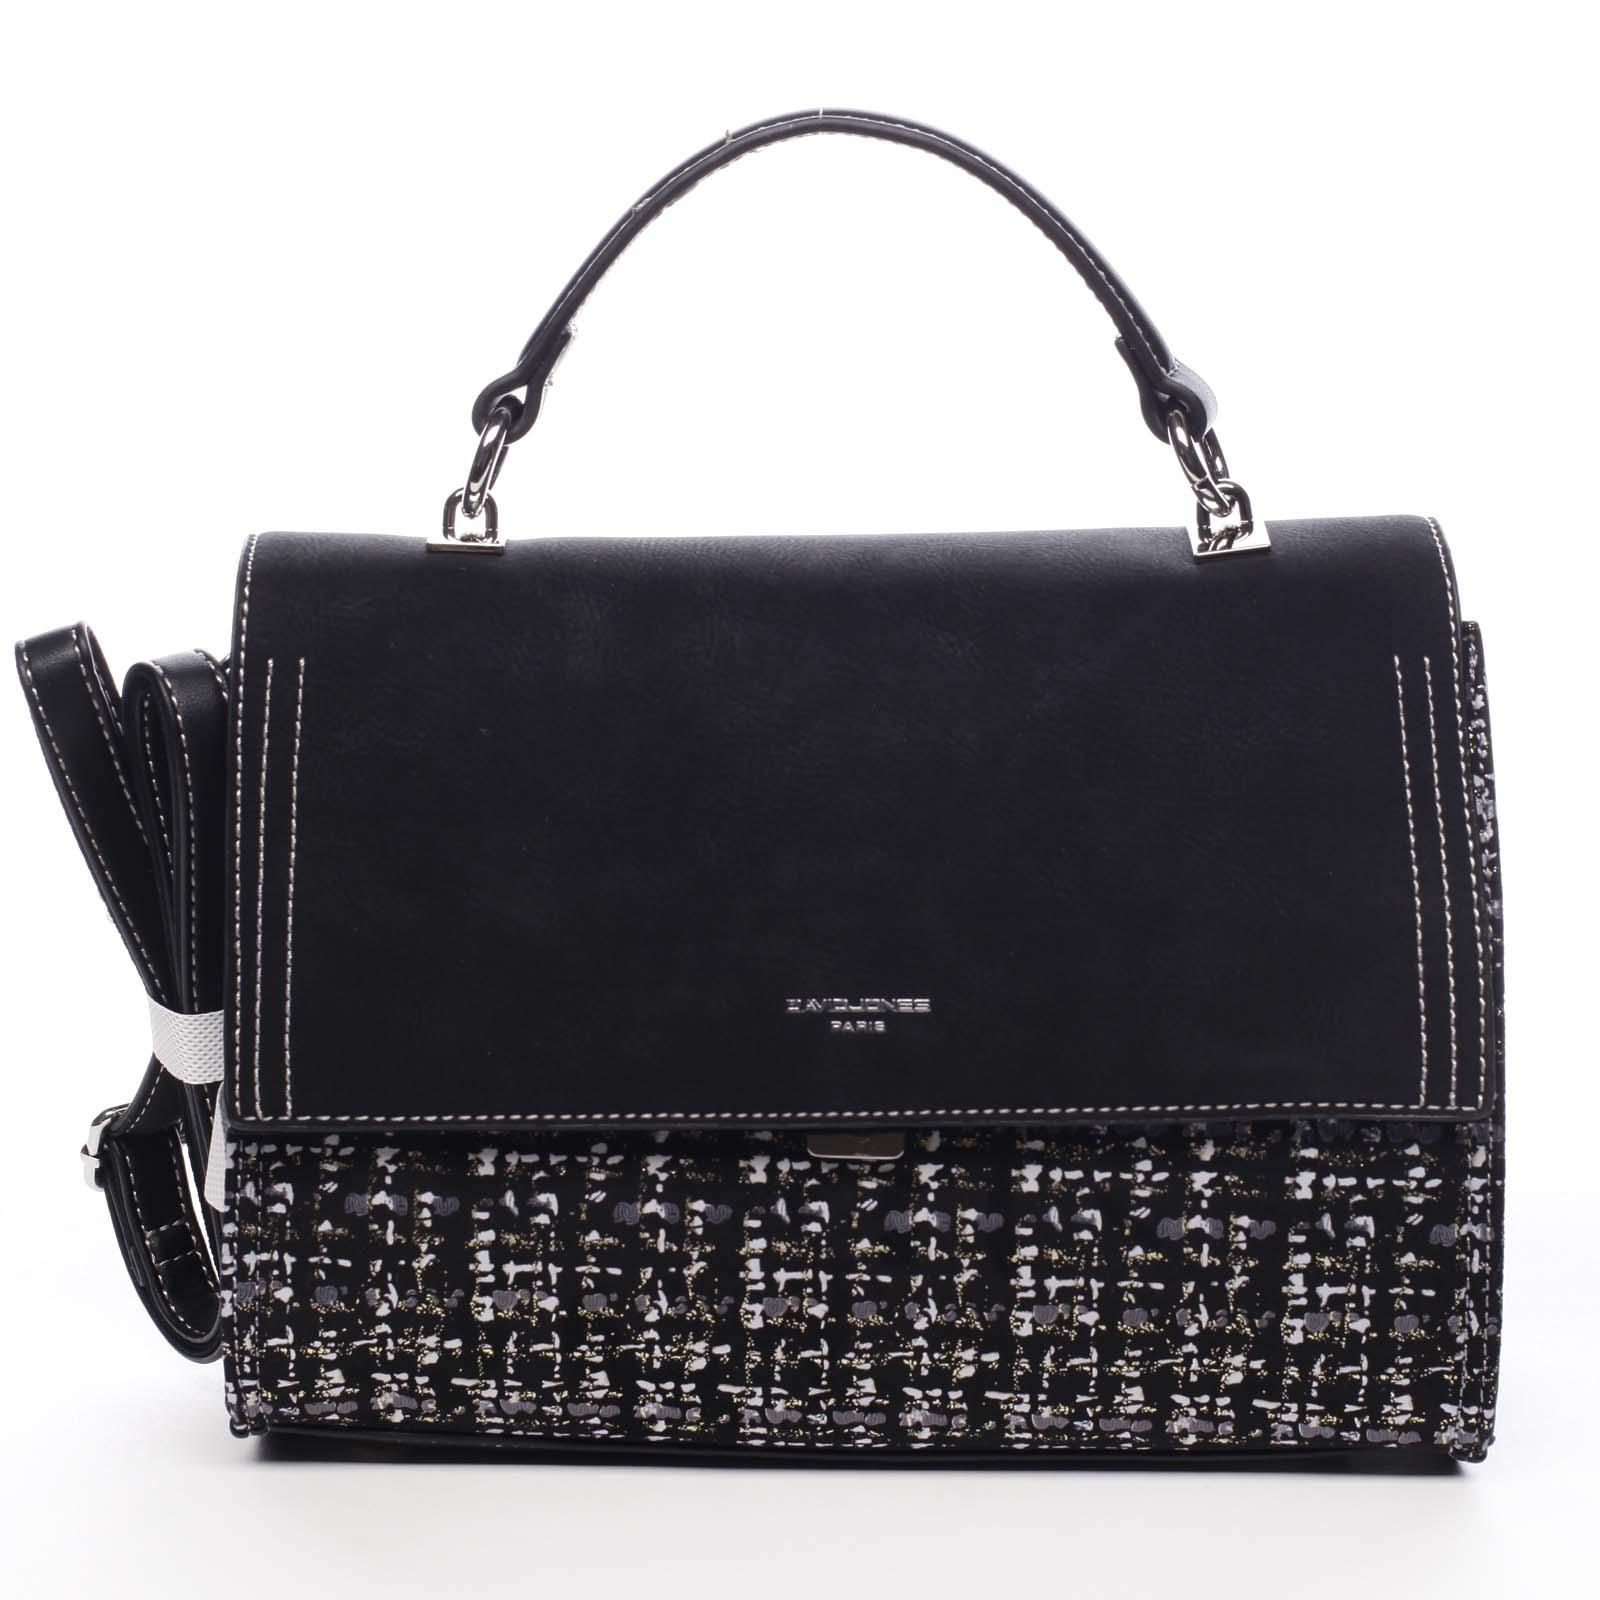 Dámska kabelka do ruky čierna - David Jones Woawa čierna